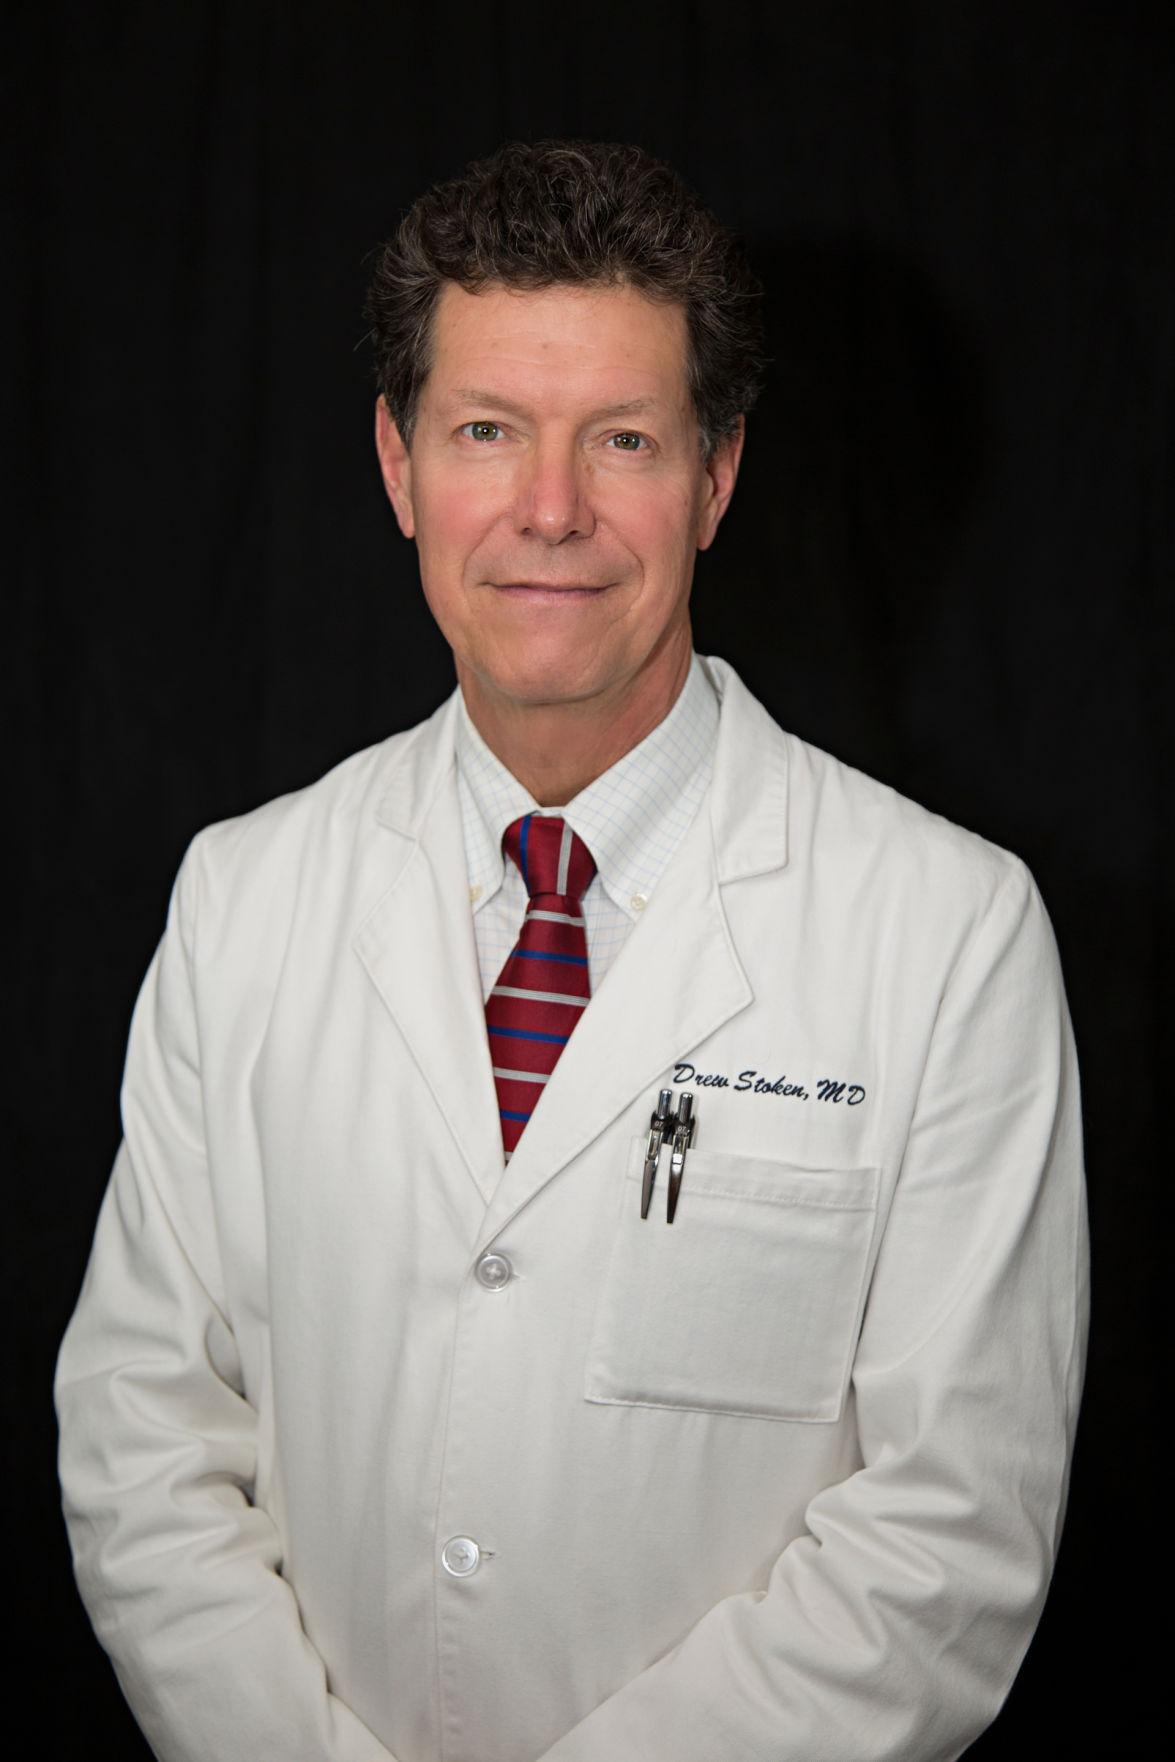 Drew J. Stoken, M.D.